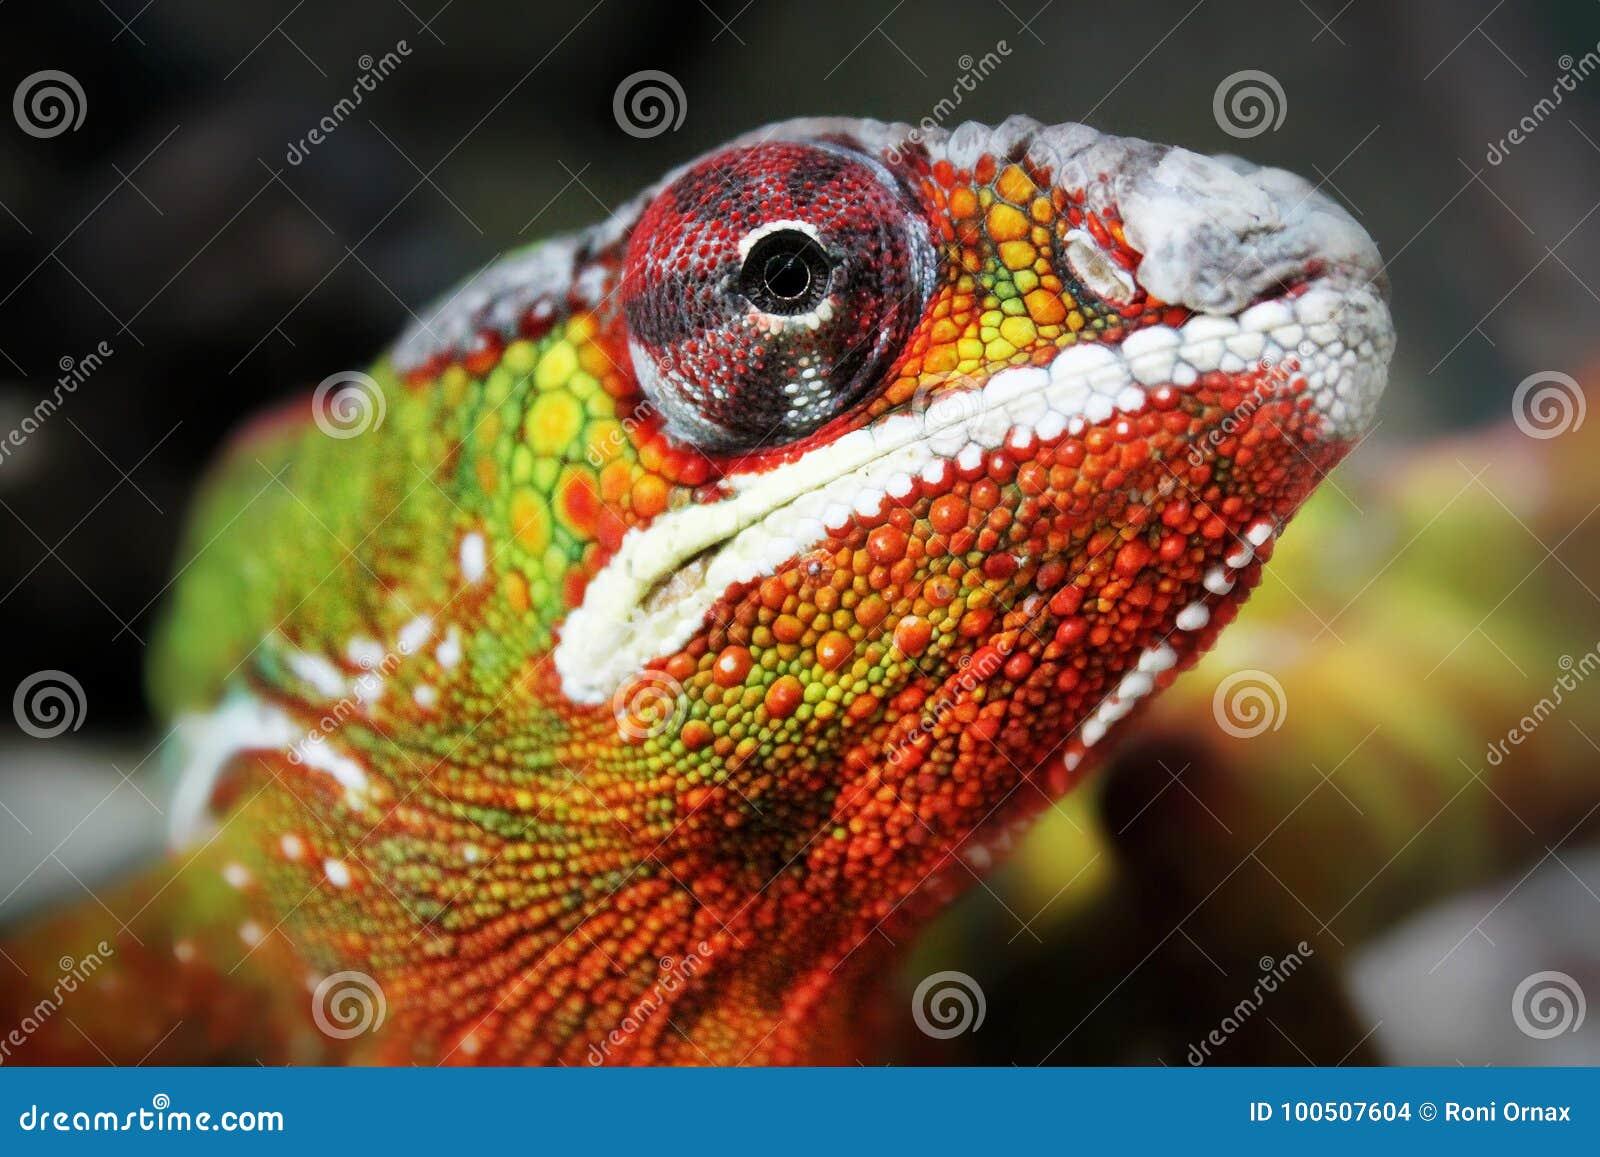 五颜六色的鬣鳞蜥